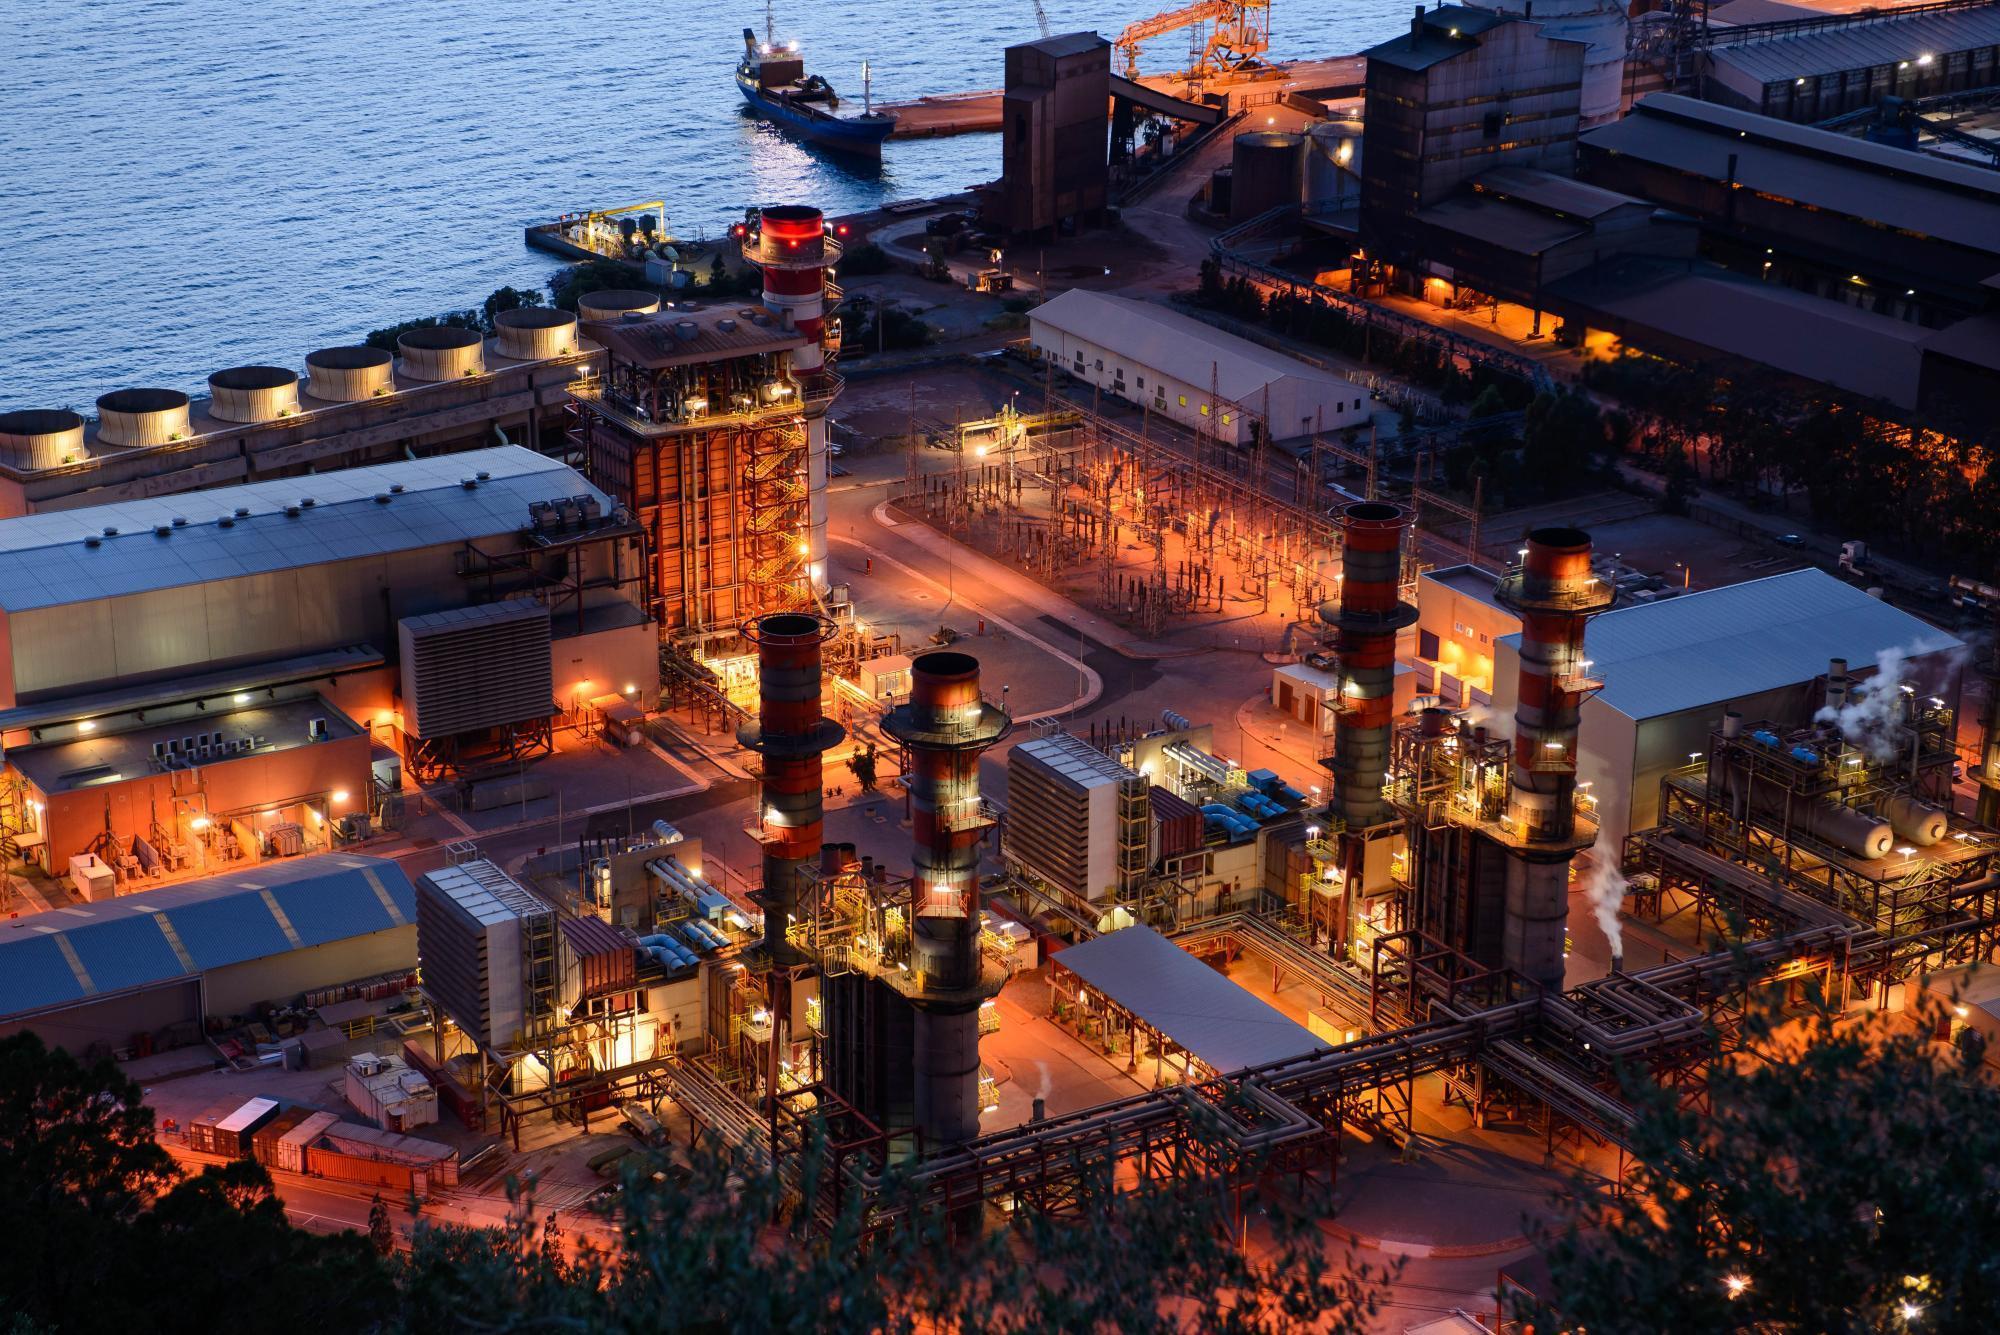 Image 2-Agios Nikolaos CCGT Power Plant